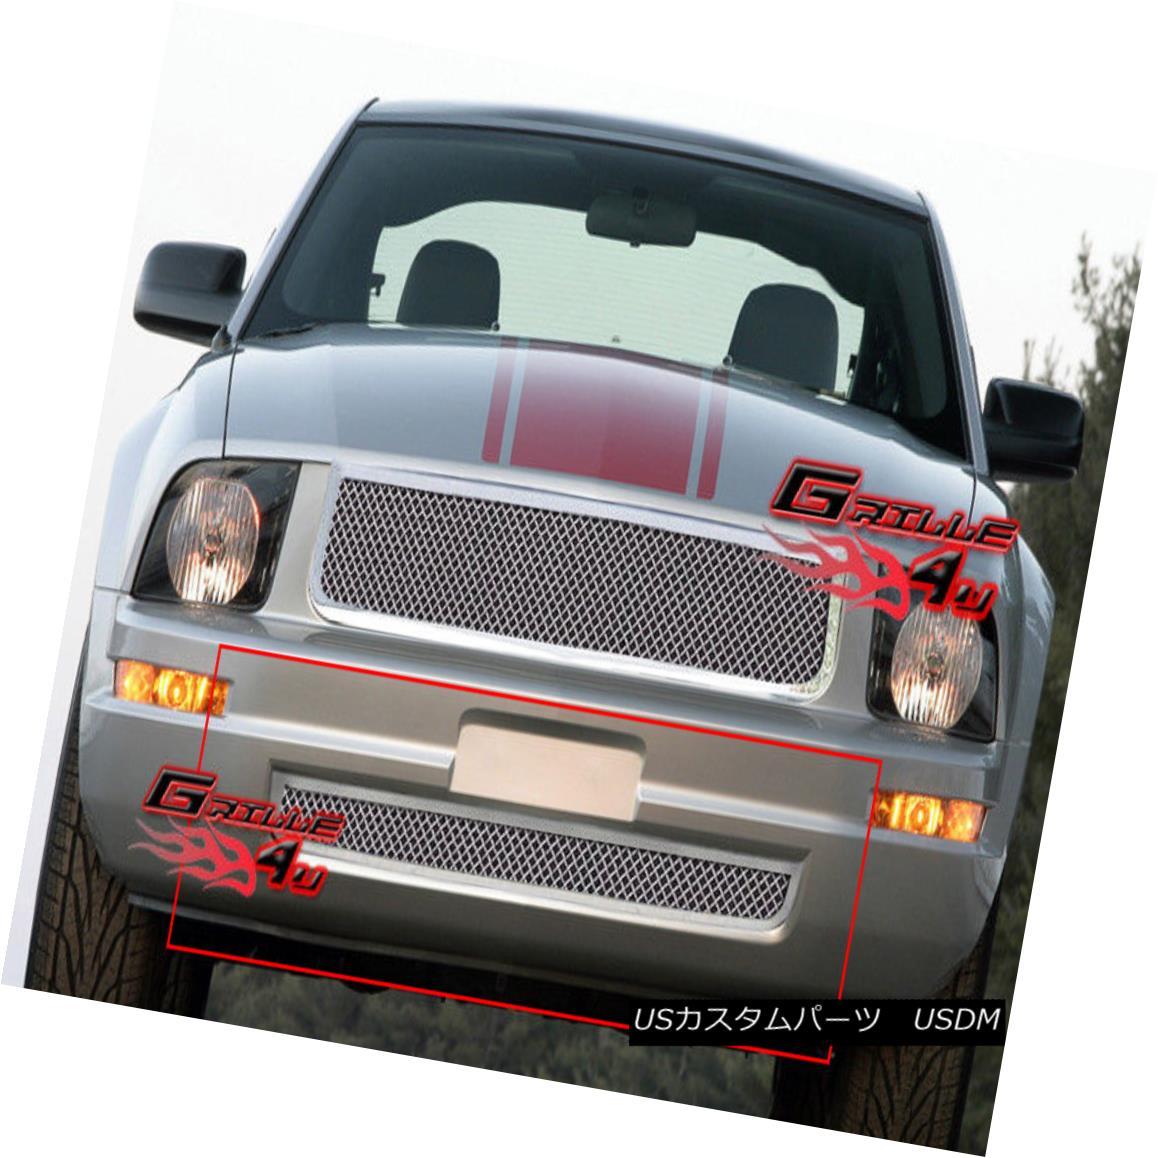 グリル Fits 2005-2009 Ford Mustang V6 Lower Bumper Stainless Mesh Grille 2005-2009 Ford Mustang V6ロワーバンパーステンレスメッシュグリルに適合